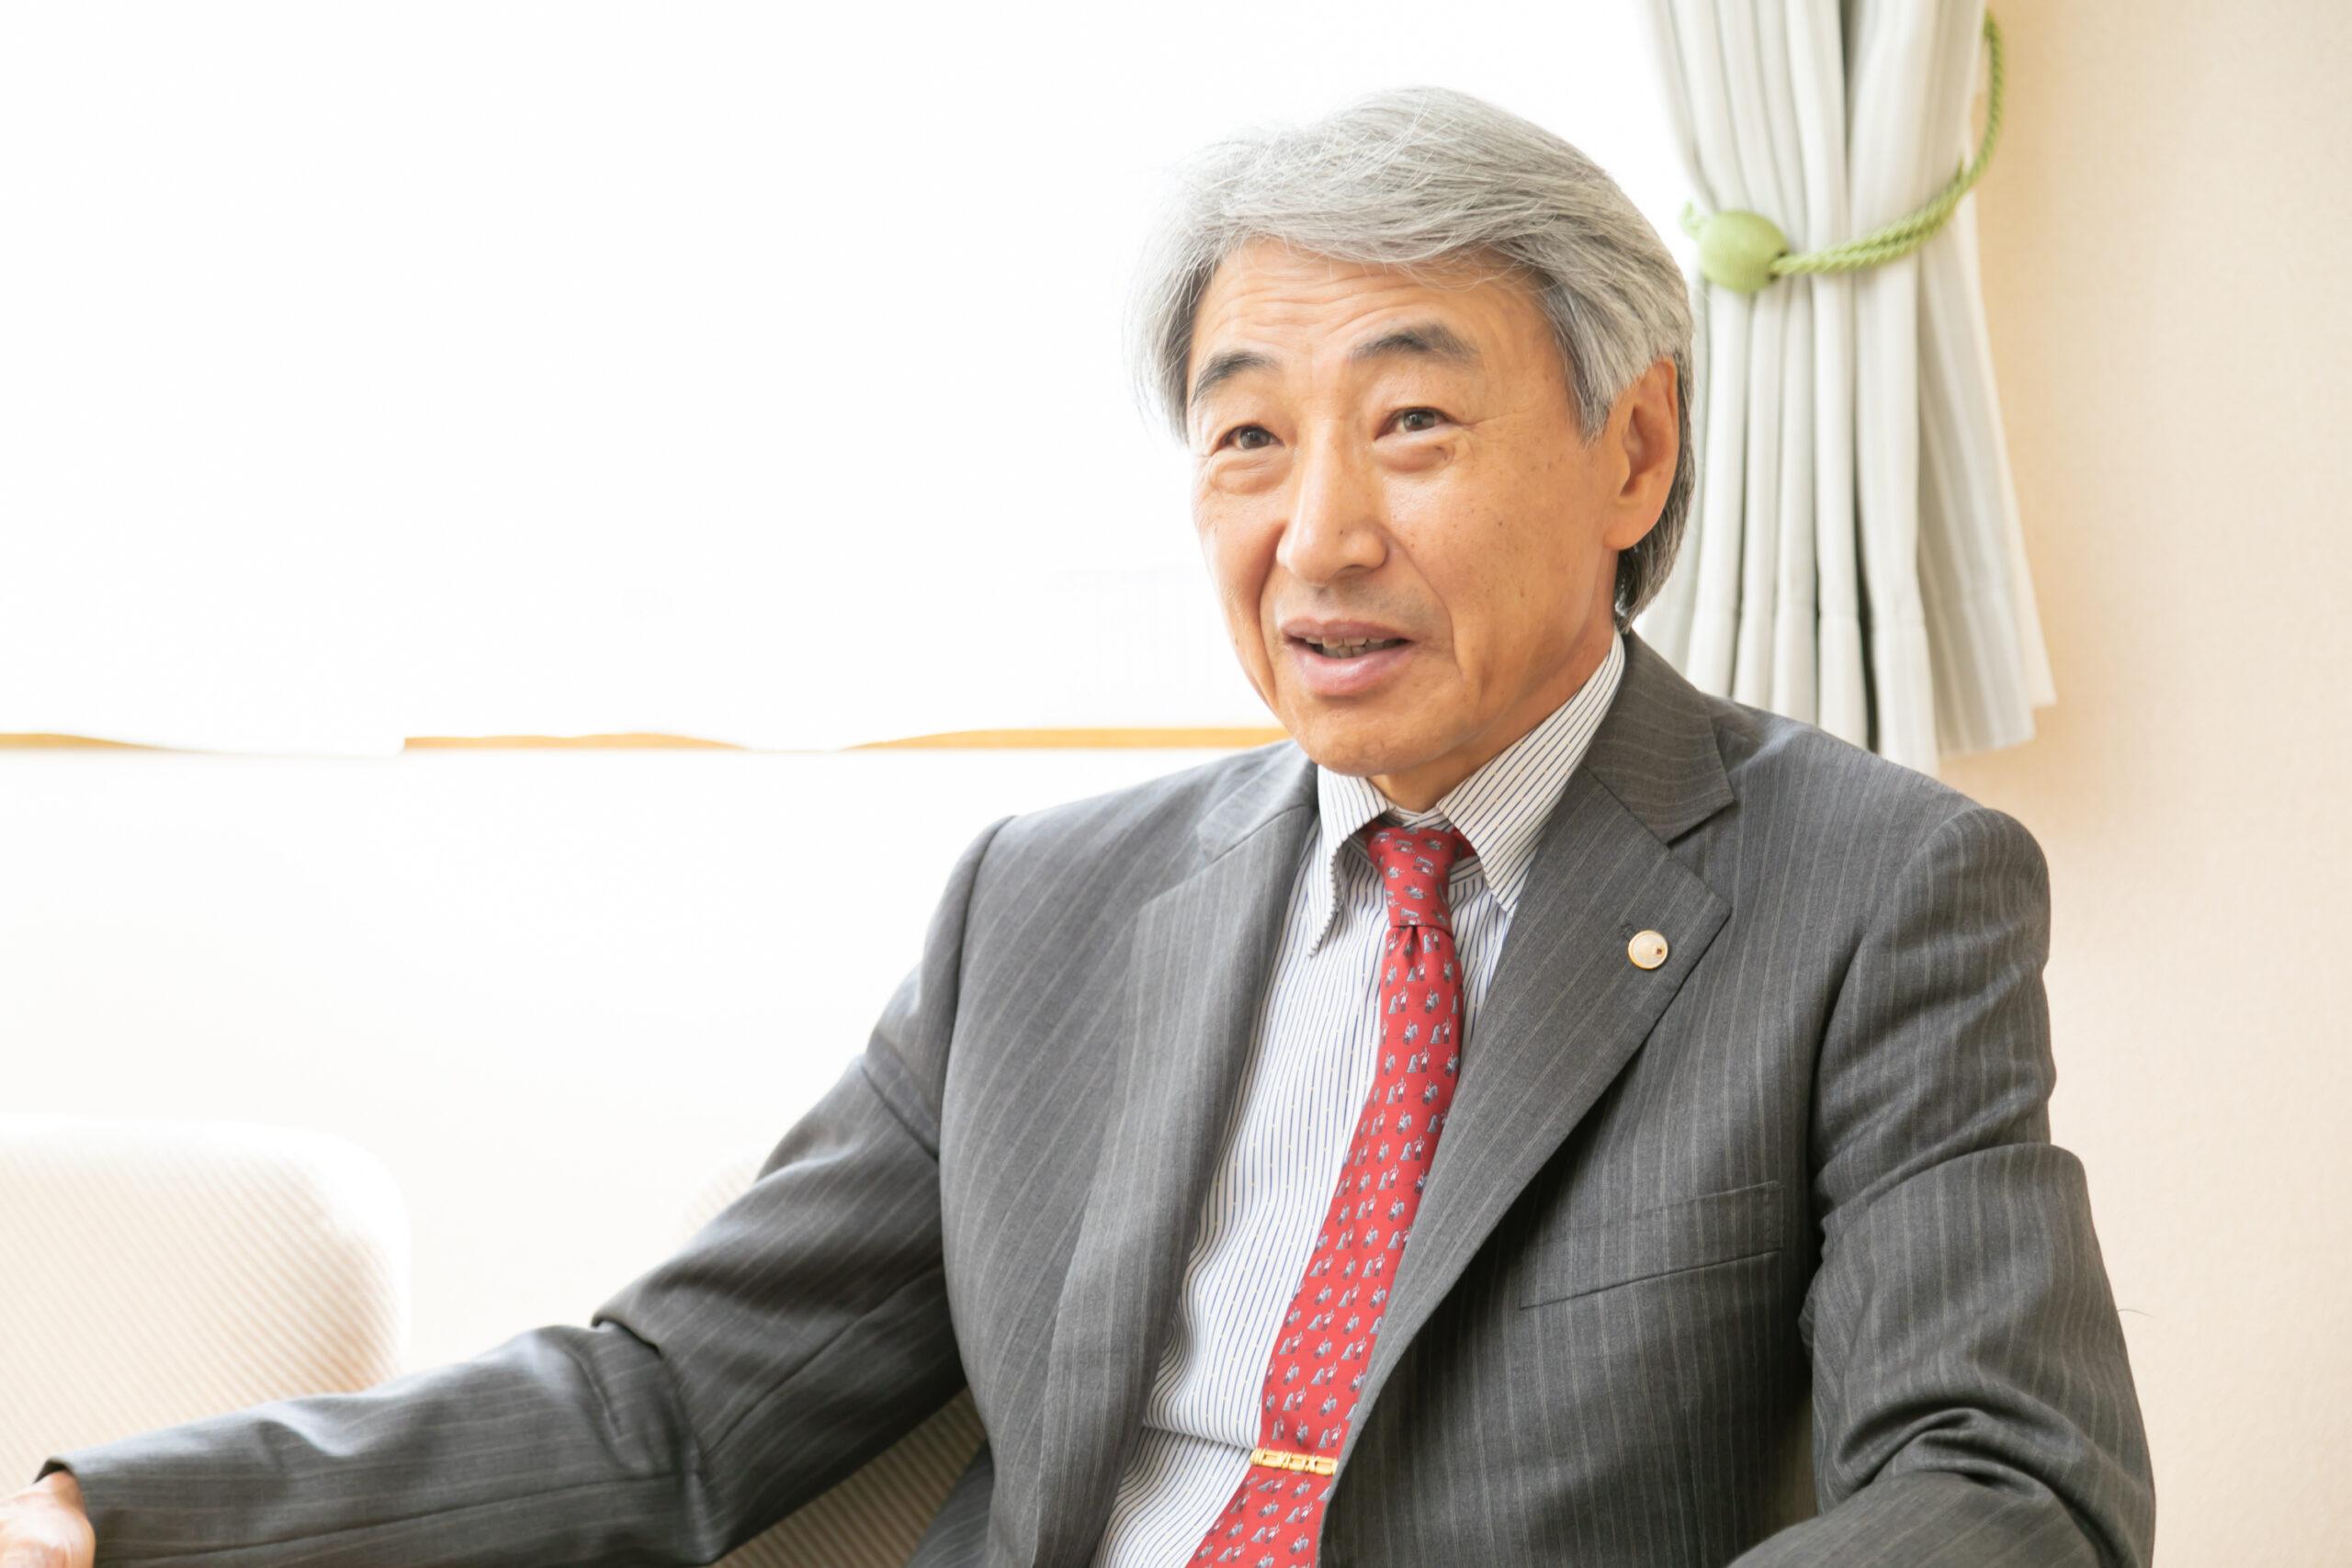 昭和27年開設の歴史ある税理士事務所ですが、現在、どのようなサポートが中心ですか?